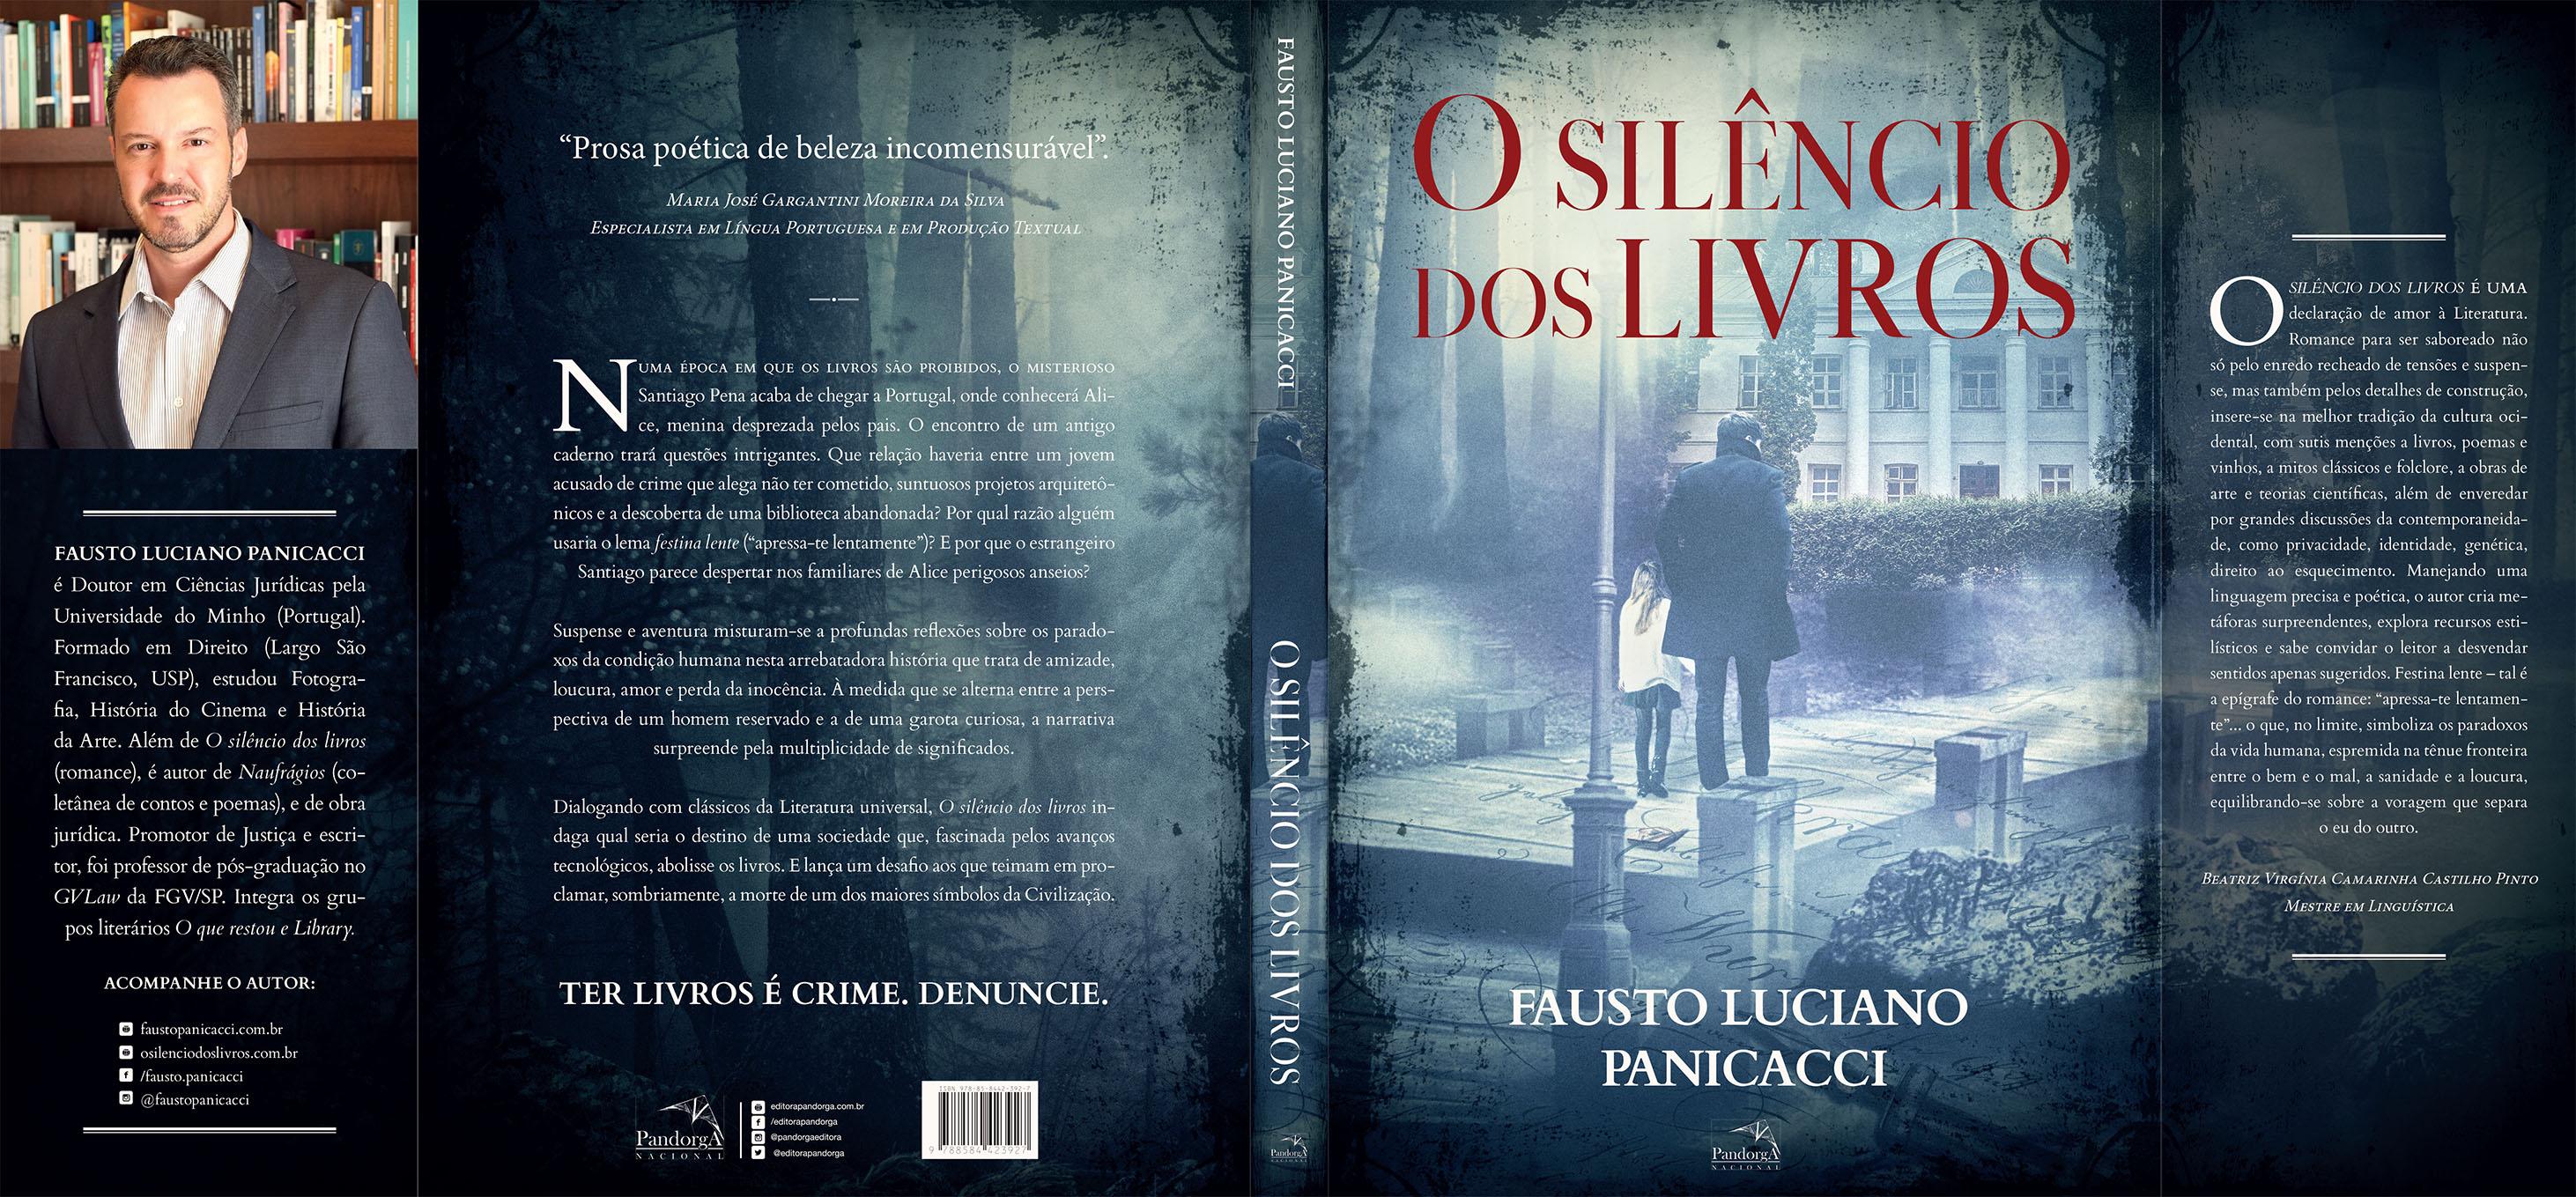 O silêncio dos livros - Fausto Luciano Panicacci